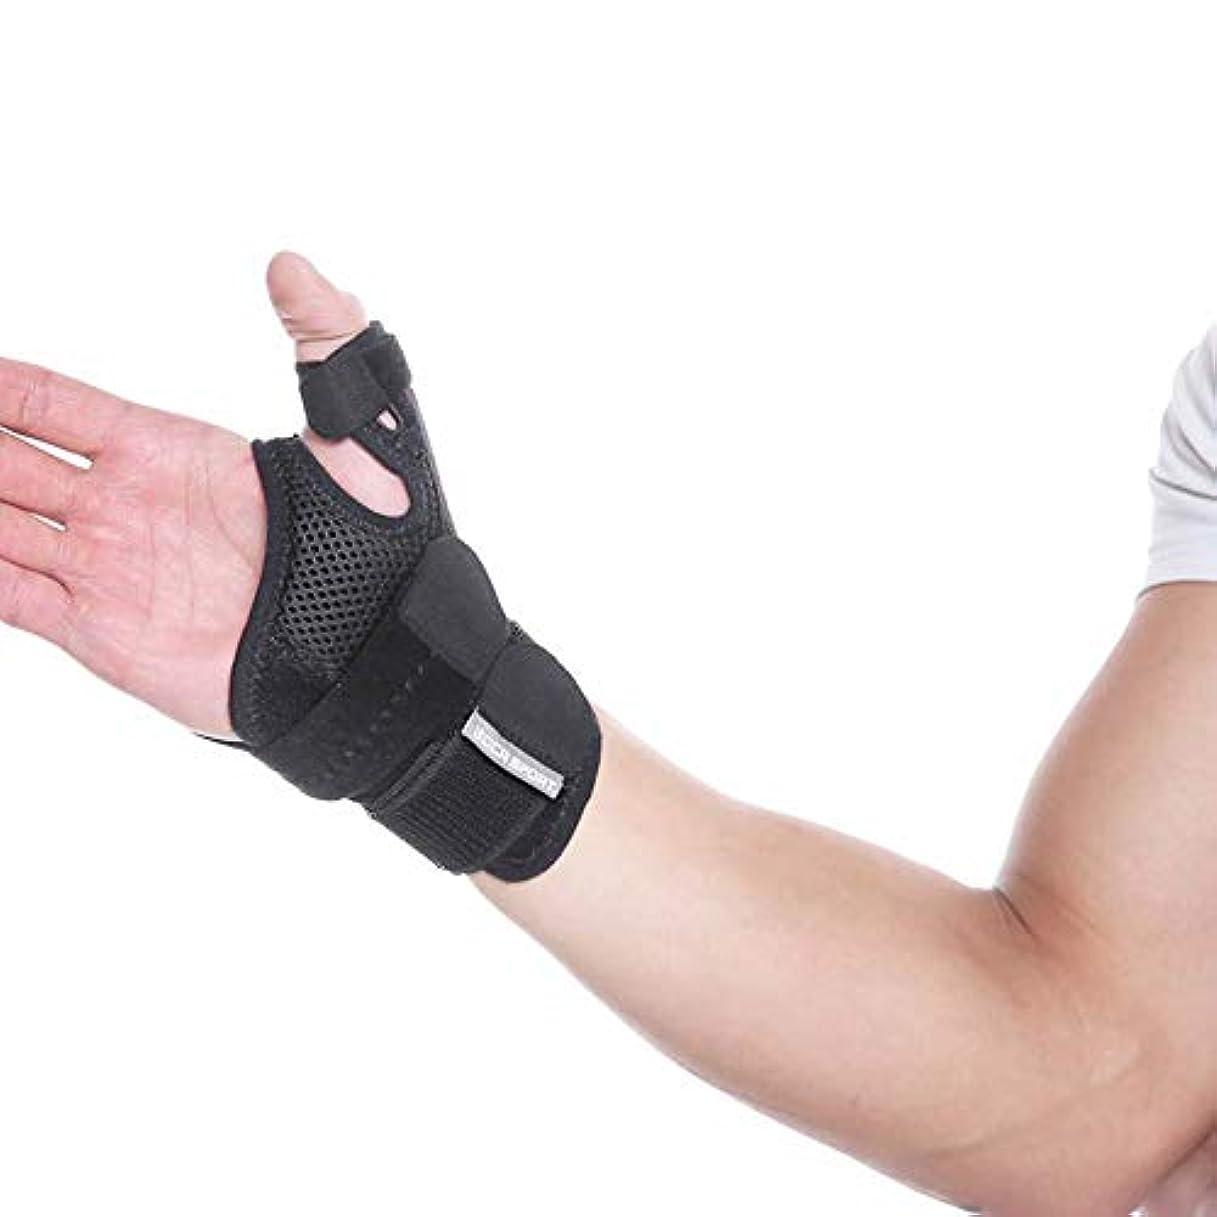 もし重くする病的関節炎サムスプリント - 痛み、捻挫、株、関節炎、手根管&トリガー親指固定用親指スピカサポートブレース - リストストラップ